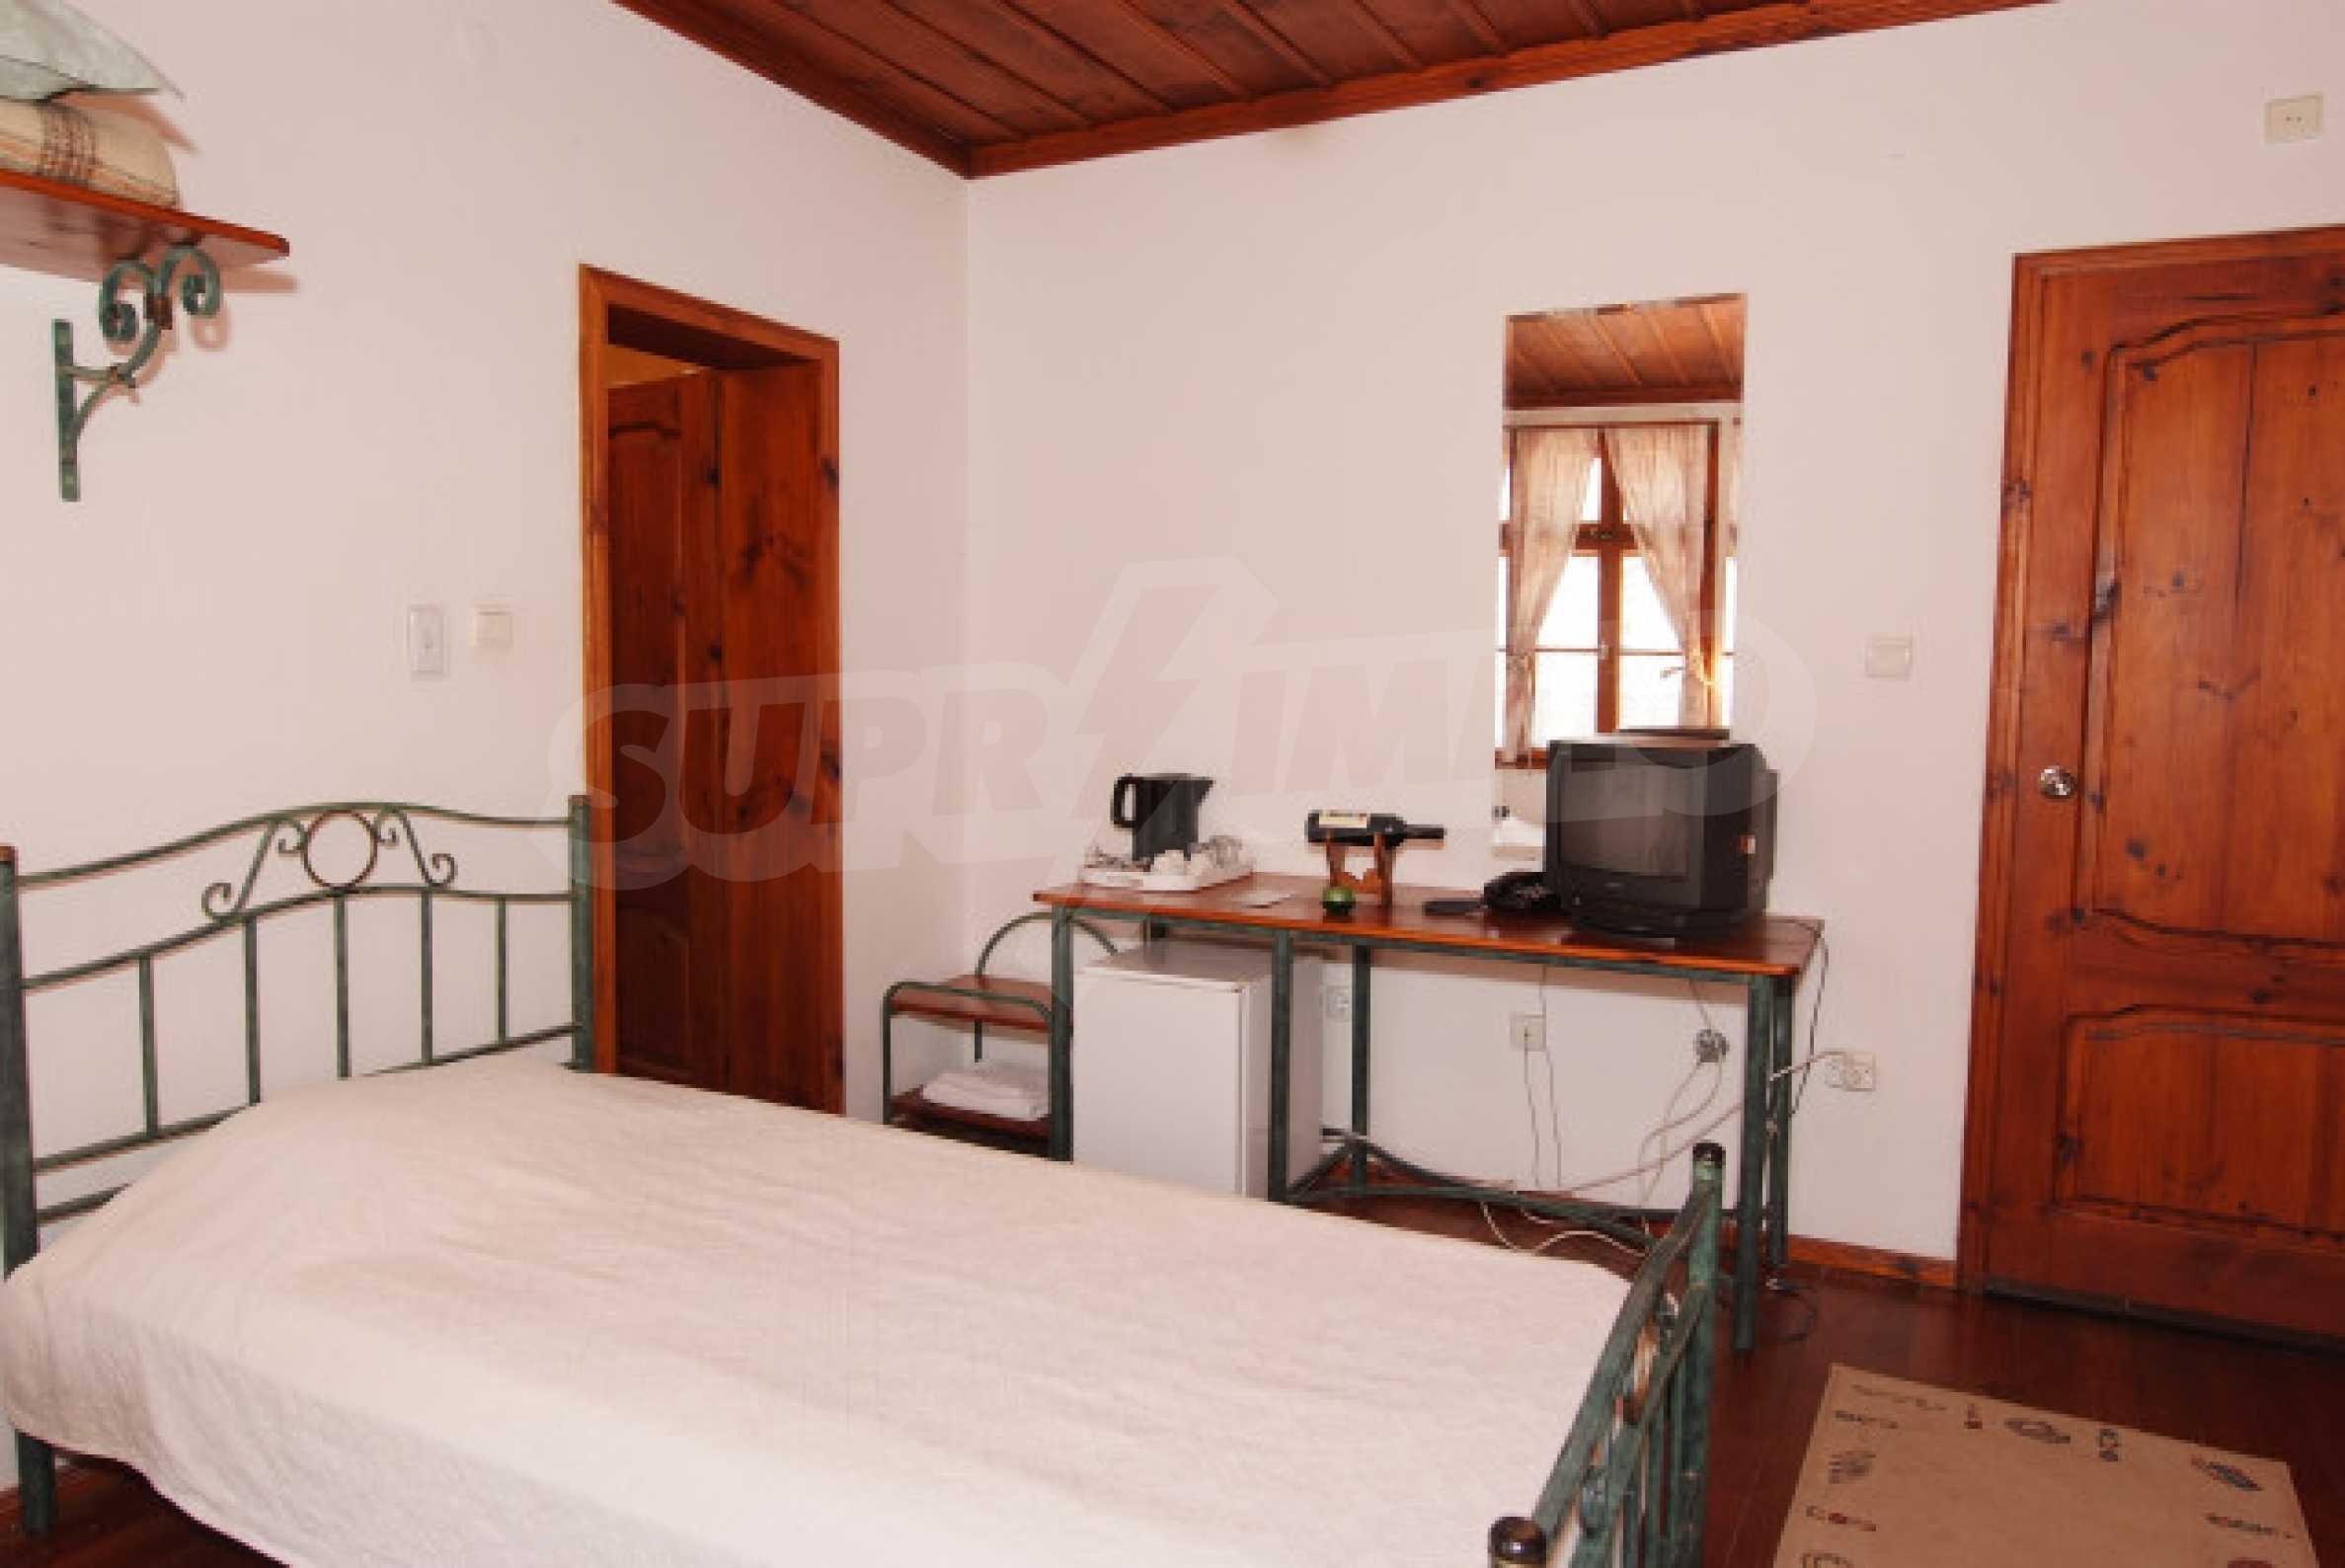 Семеен хотел в центъра на град Мелник 15